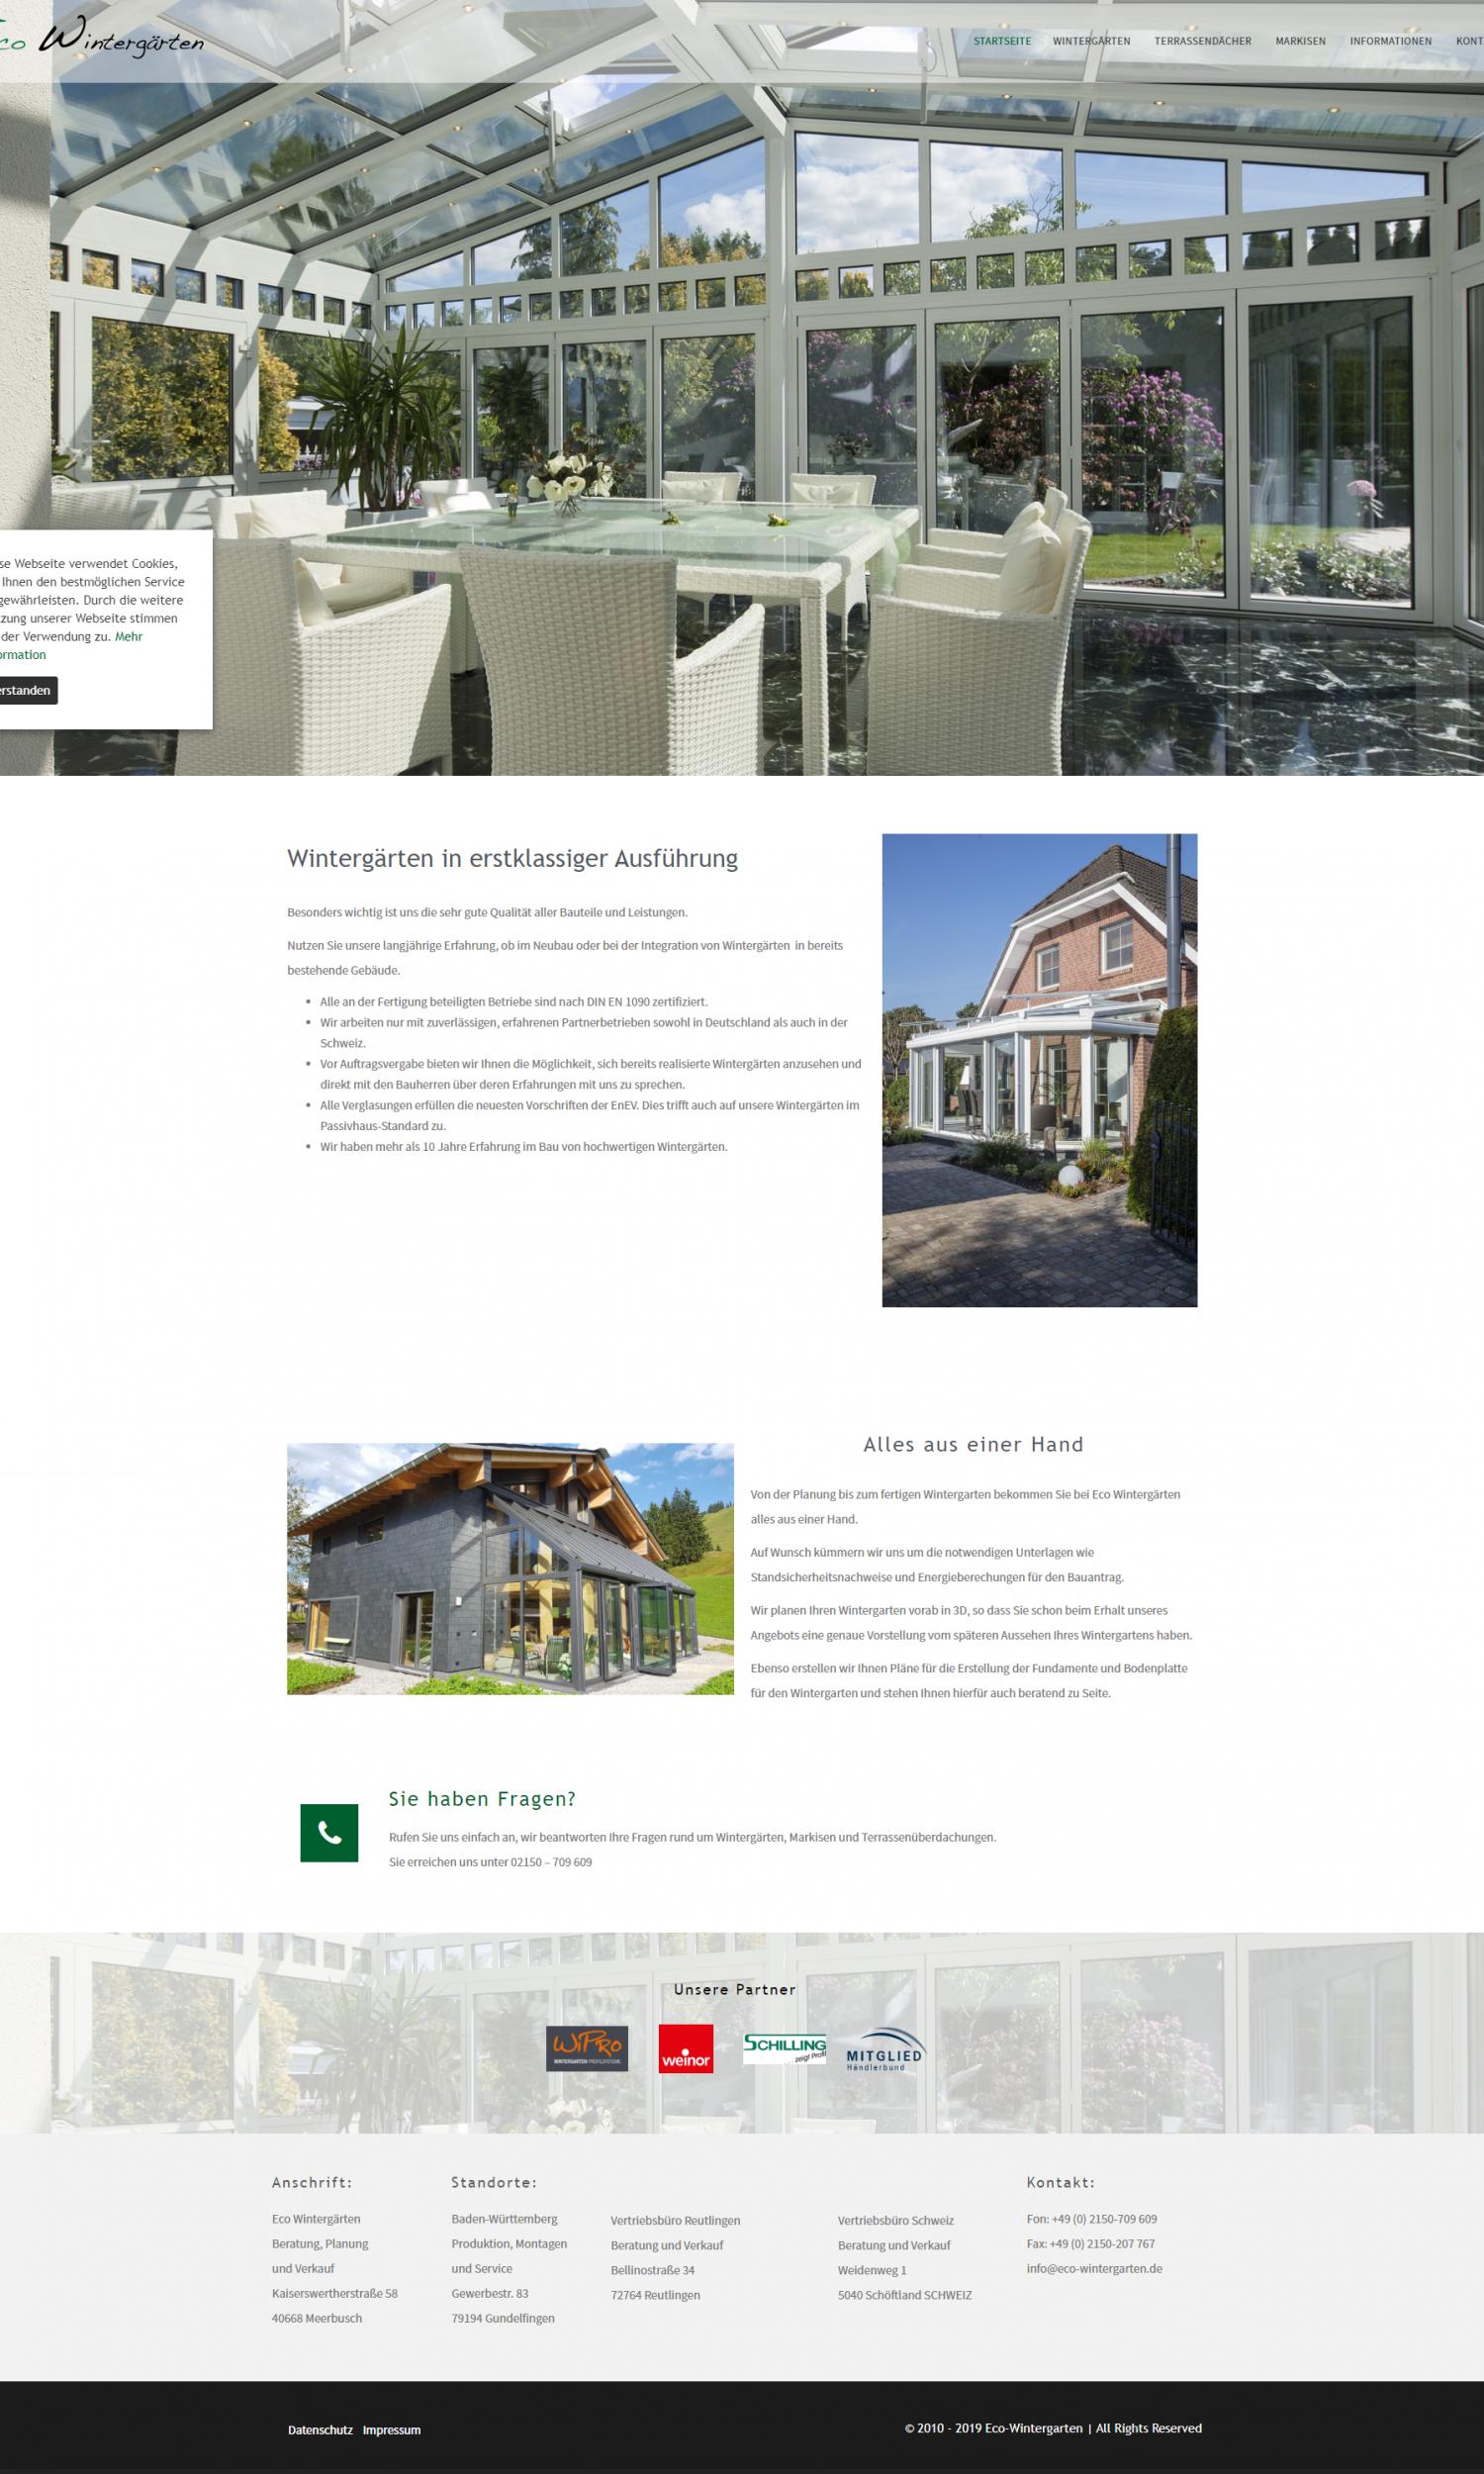 Eco Wintergärten - Wohnräume aus Holz, Aluminium und Glas_ - eco-wintergarten.de